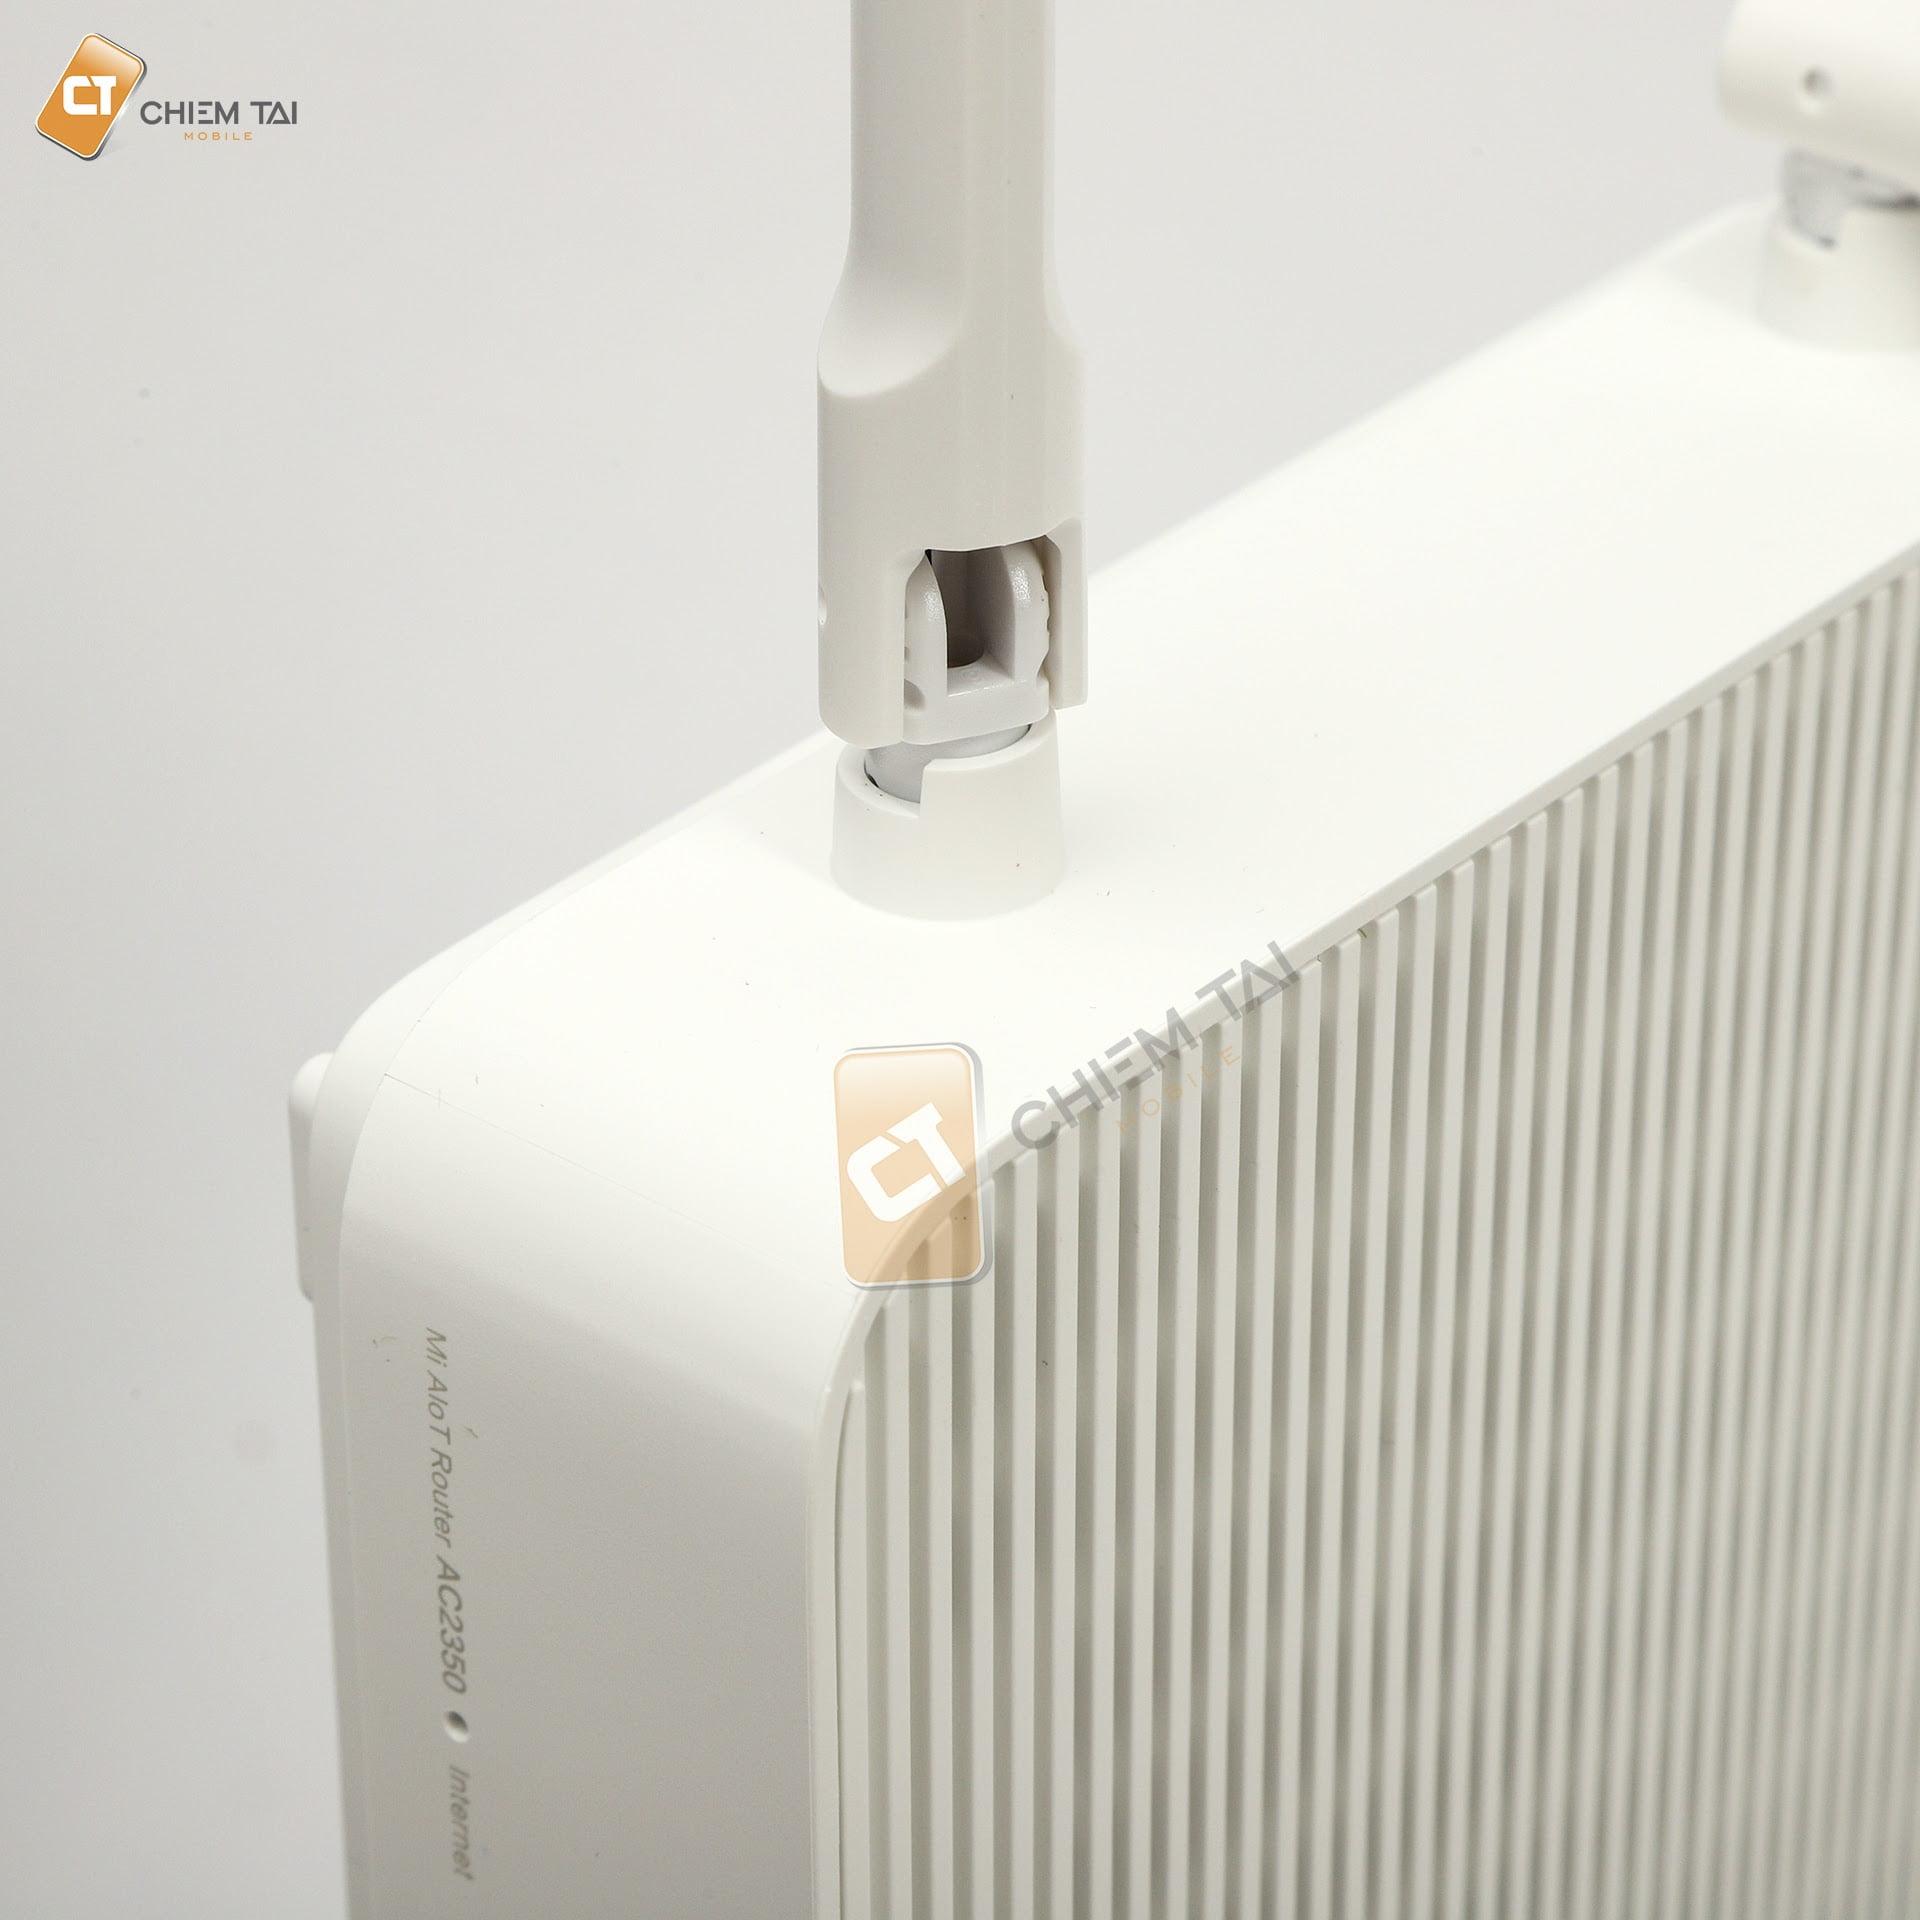 router wifi xiaomi aiot ac2350 6007fbd44b86c